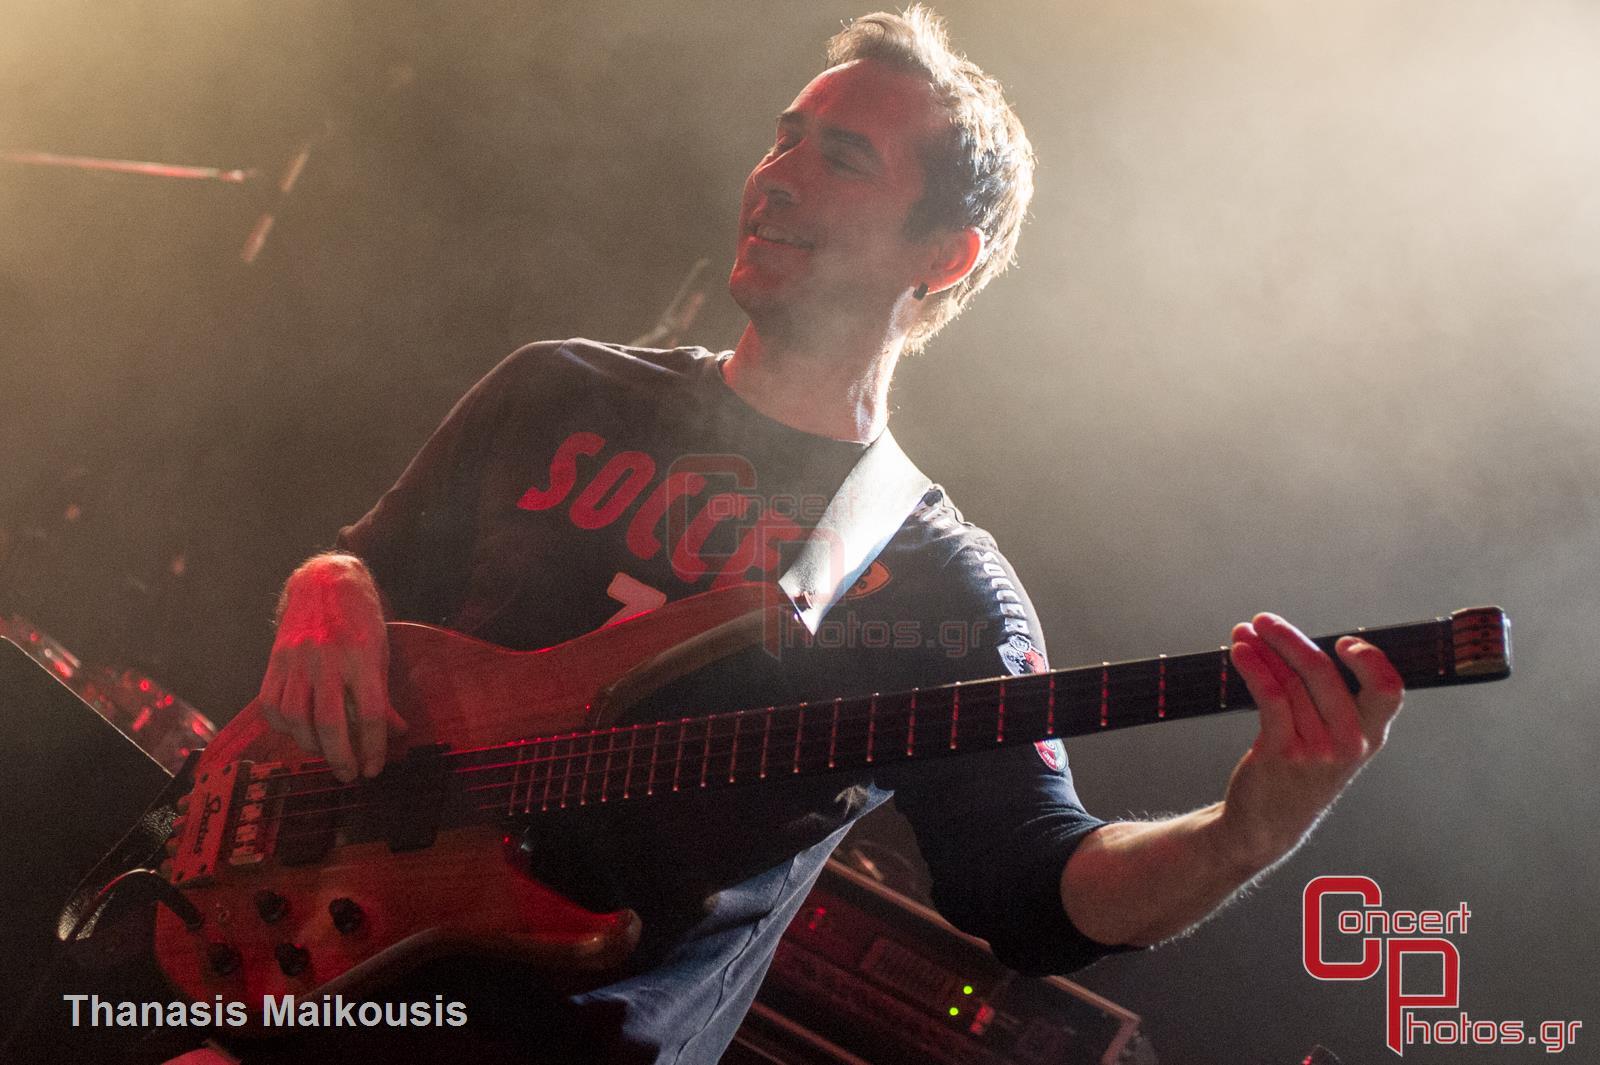 Dub Inc-Dub Inc photographer: Thanasis Maikousis - concertphotos_-5174